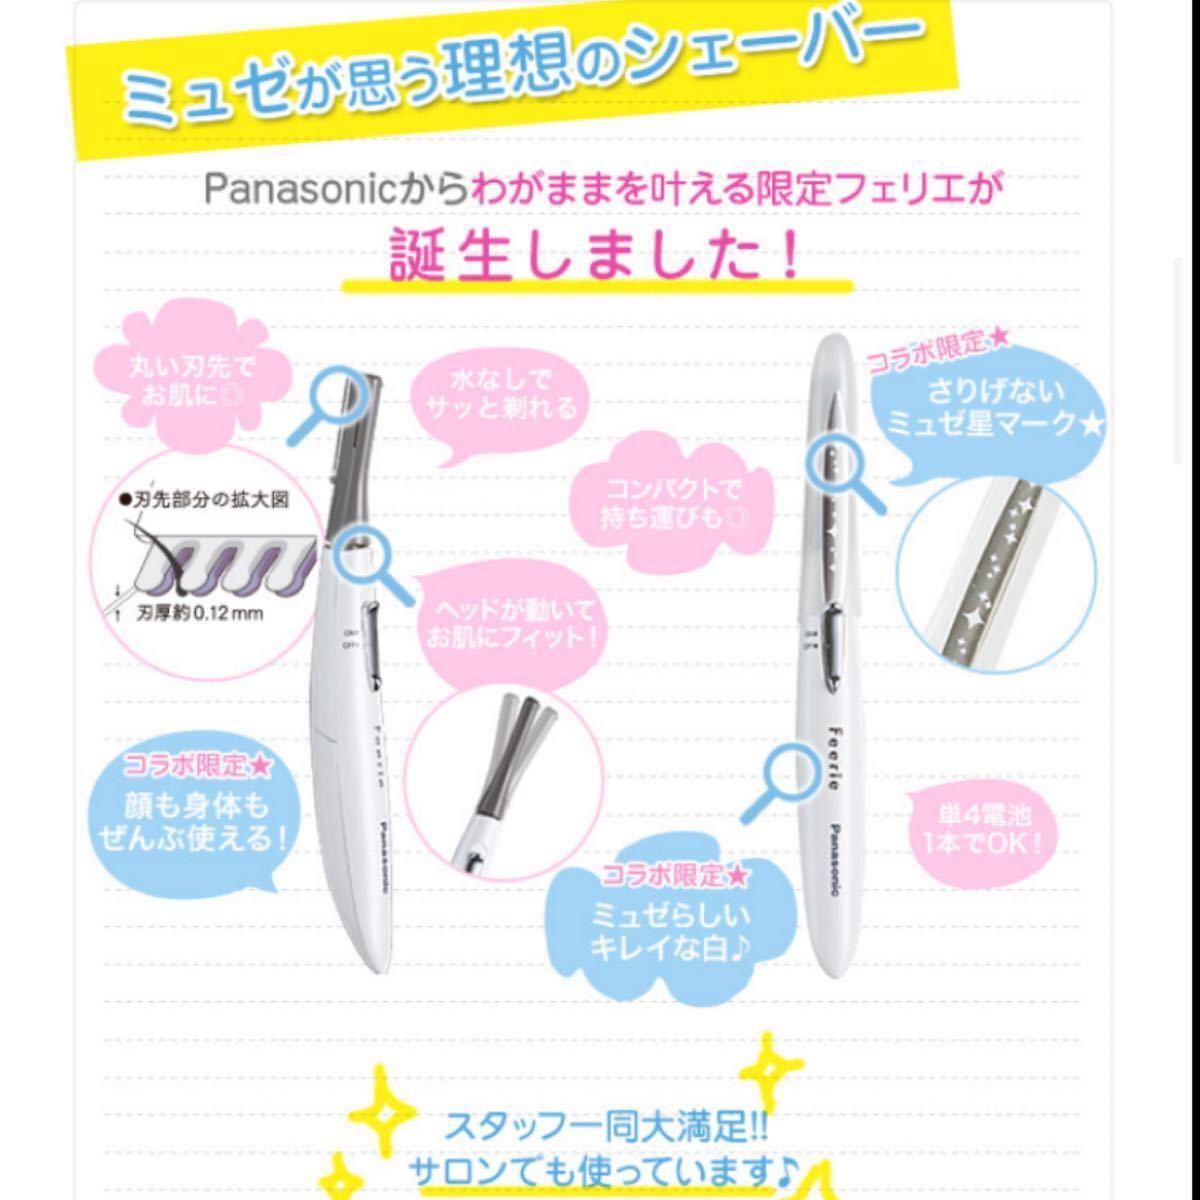 パナソニック フェリエ  Panasonic